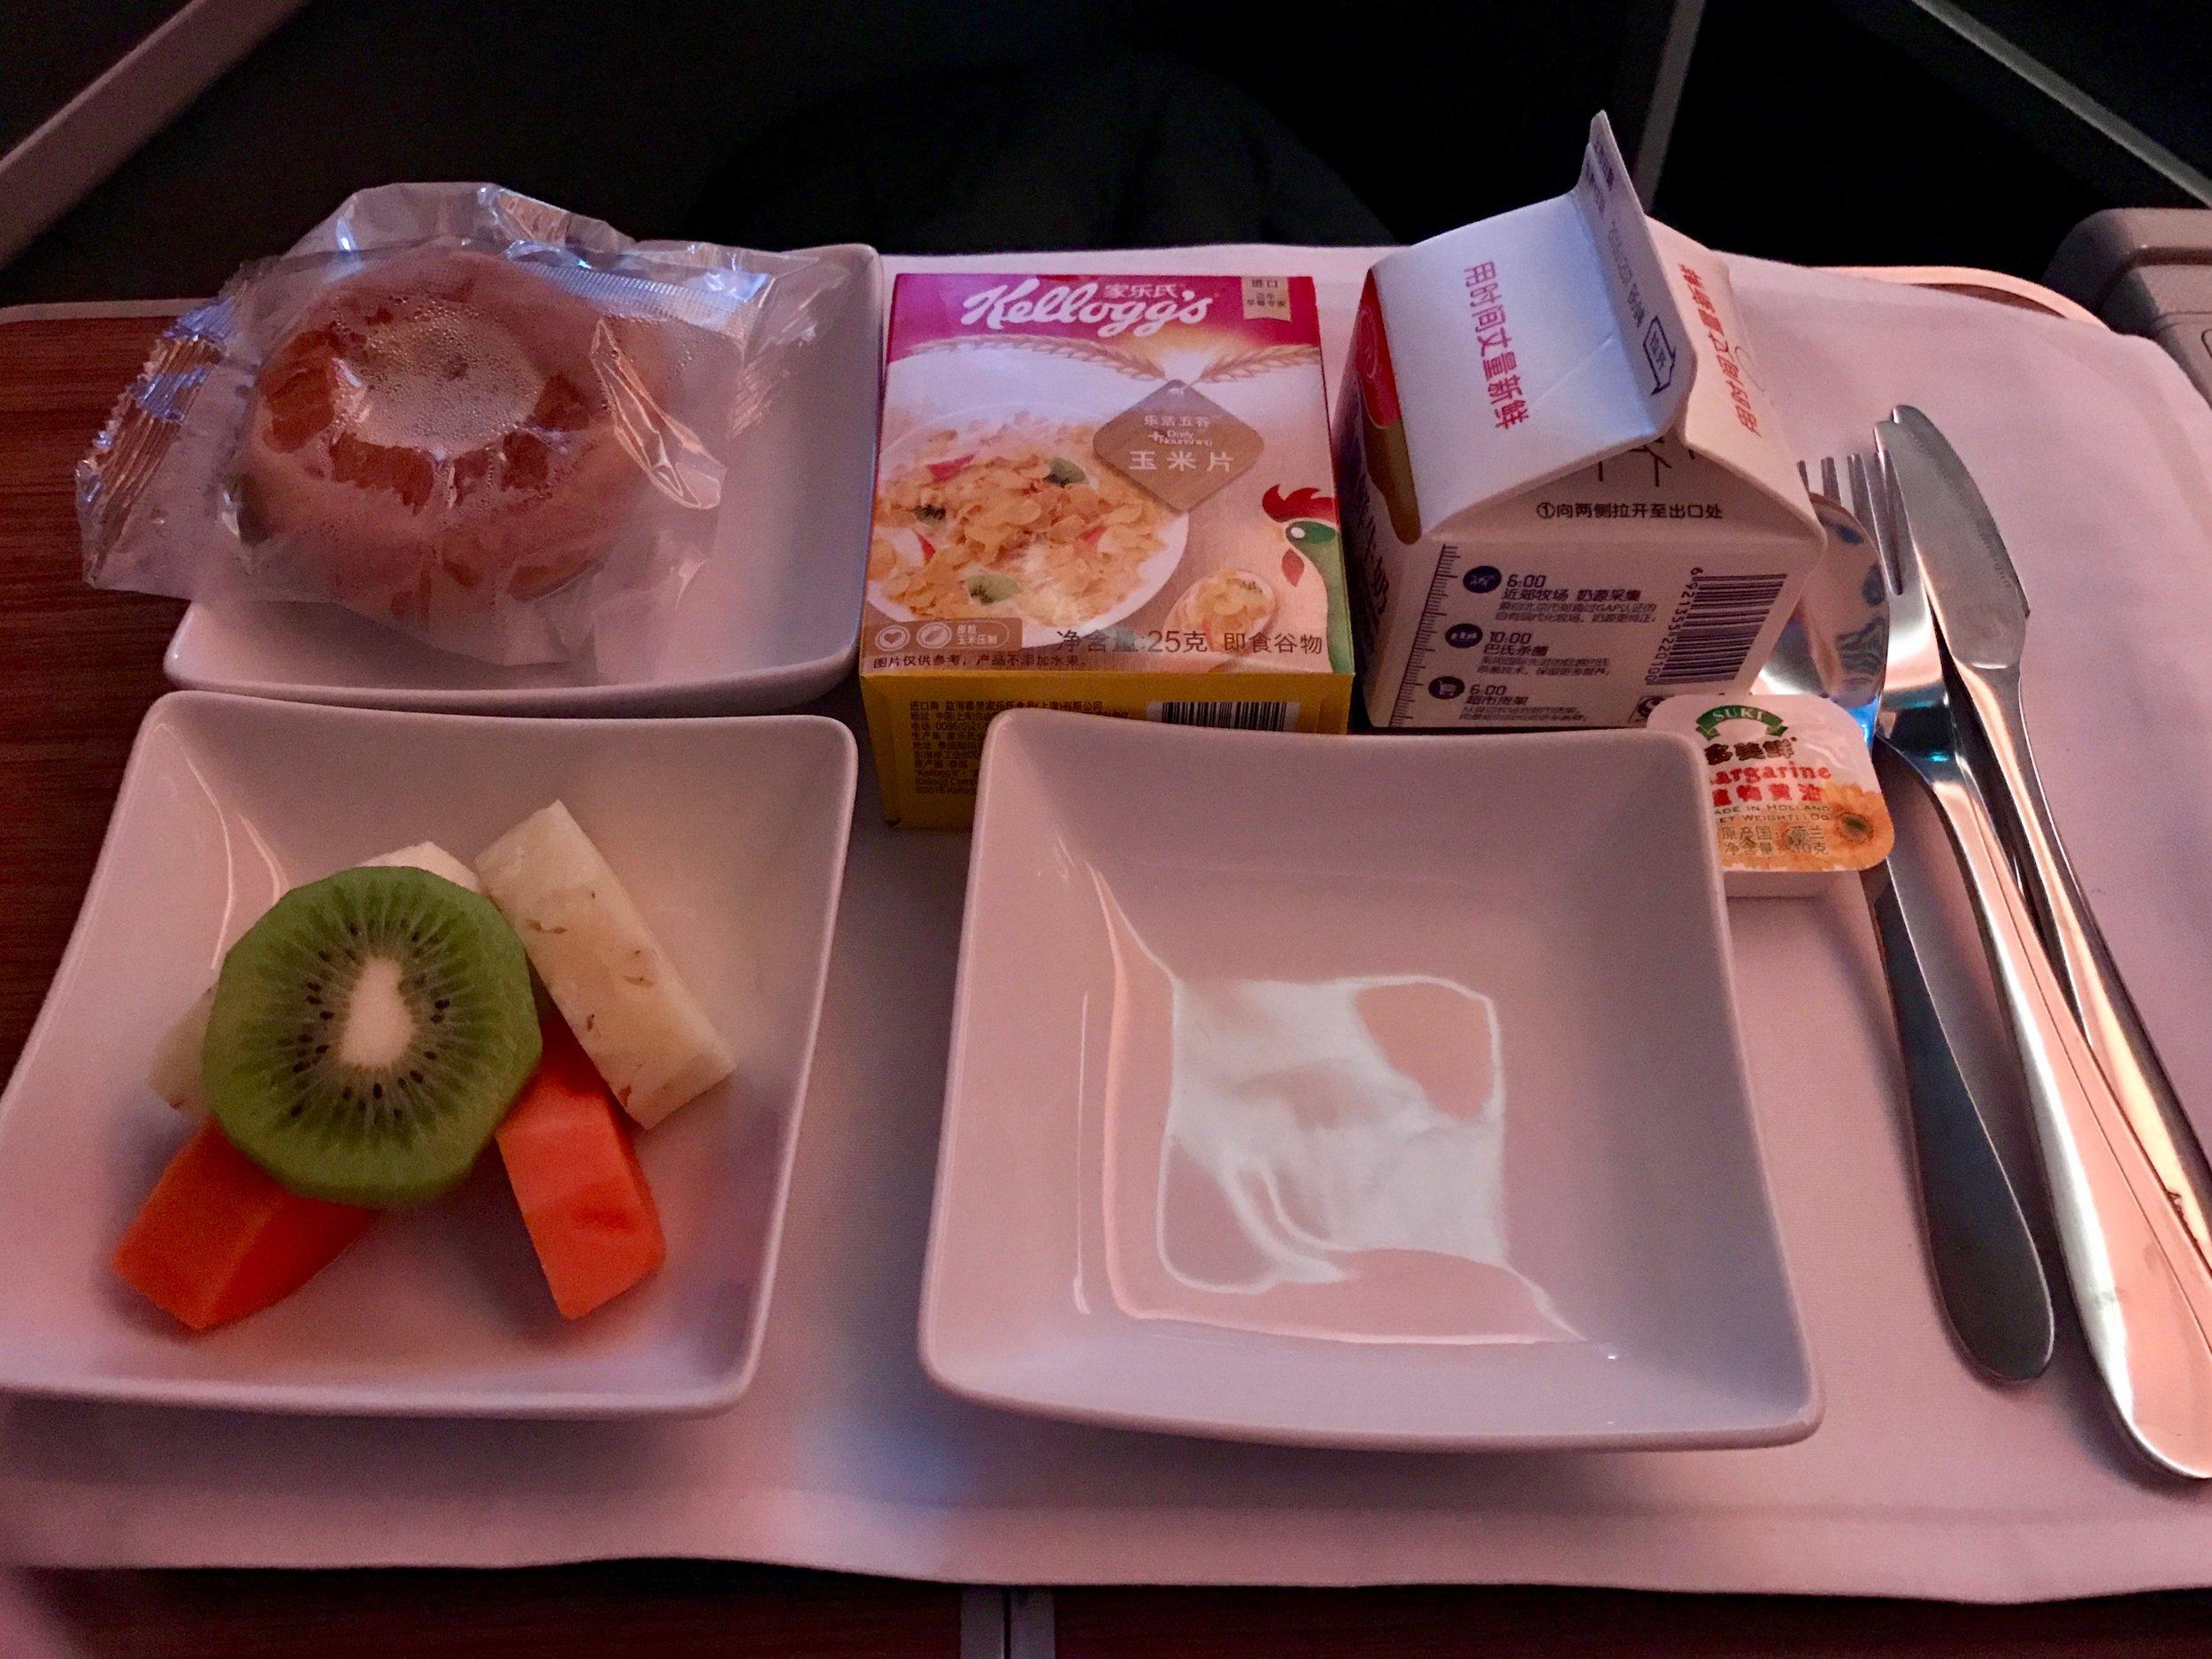 Vegetarian (VGML) special meal - breakfast - AA186 PEK to ORD